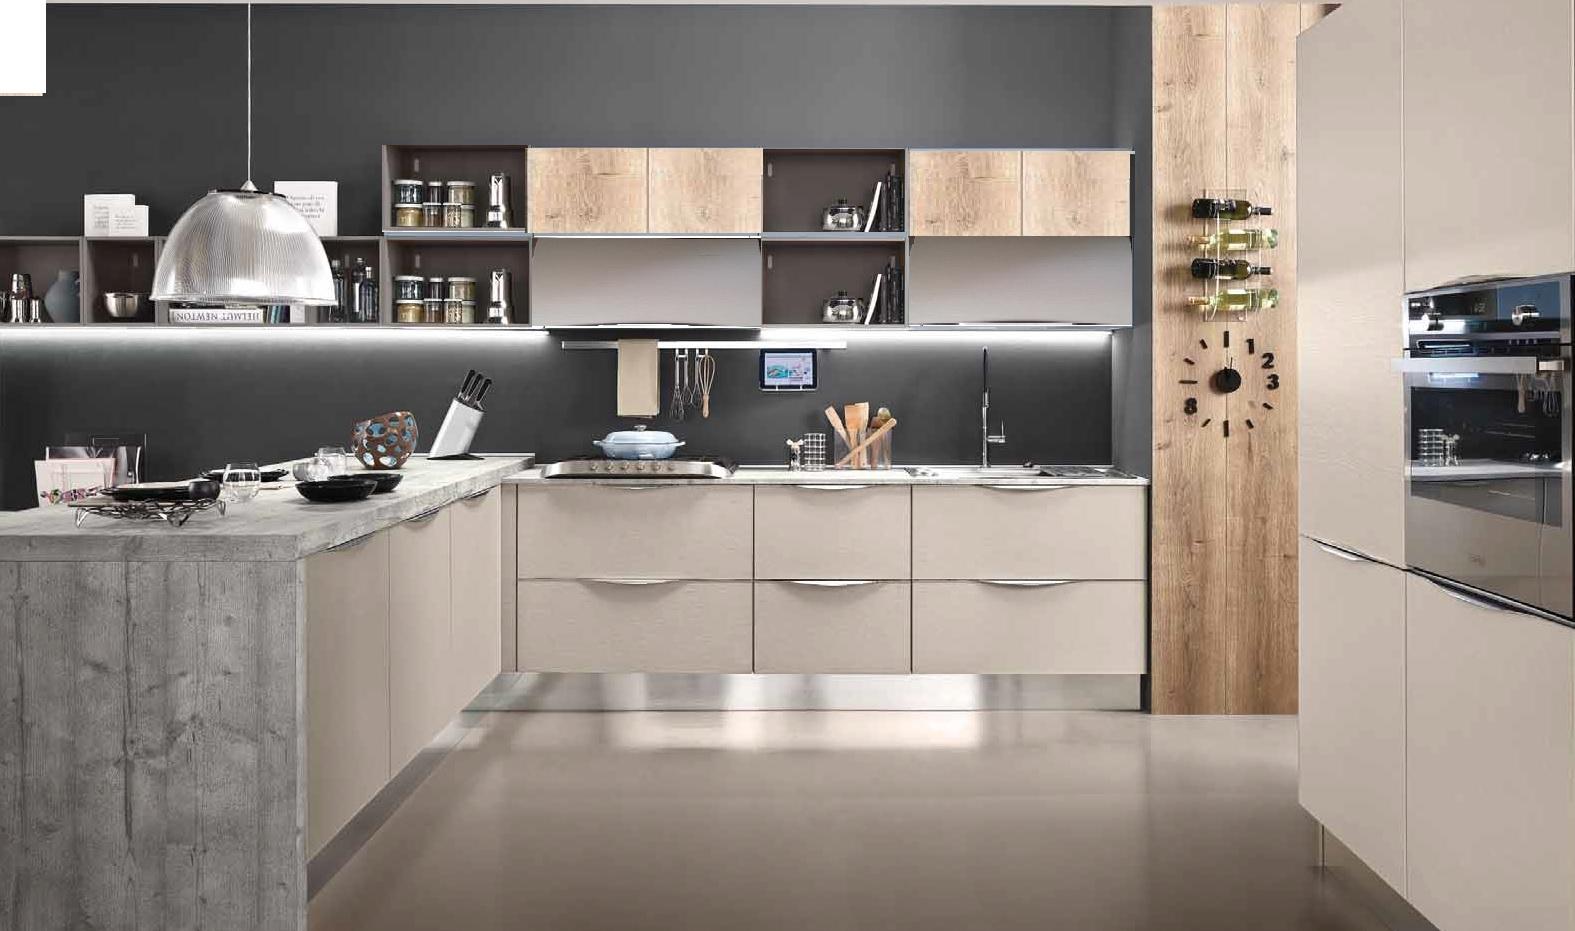 Cucina con penisoia in essenza cemento grigio in offerta completa di elletrodomestici cucine a for Piano cucina in cemento